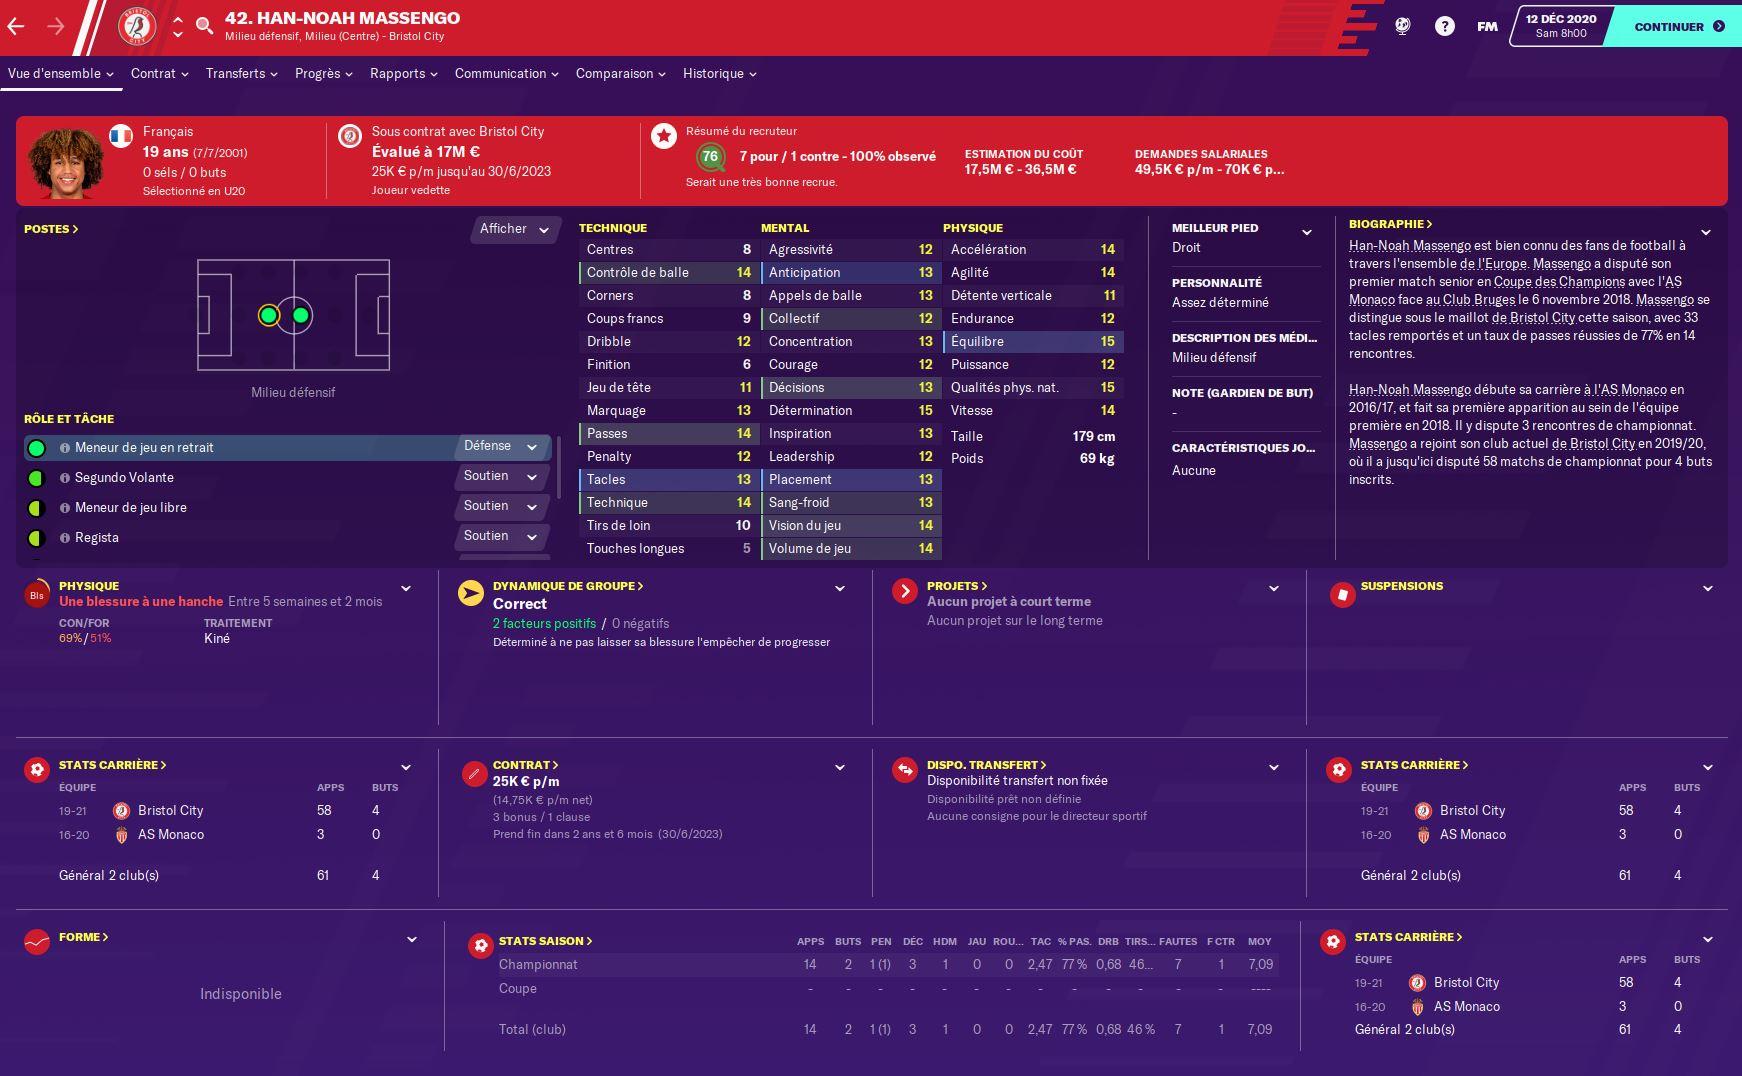 Nos meilleures pépites sur Football Manager 2020 - Partie 2 : les milieux